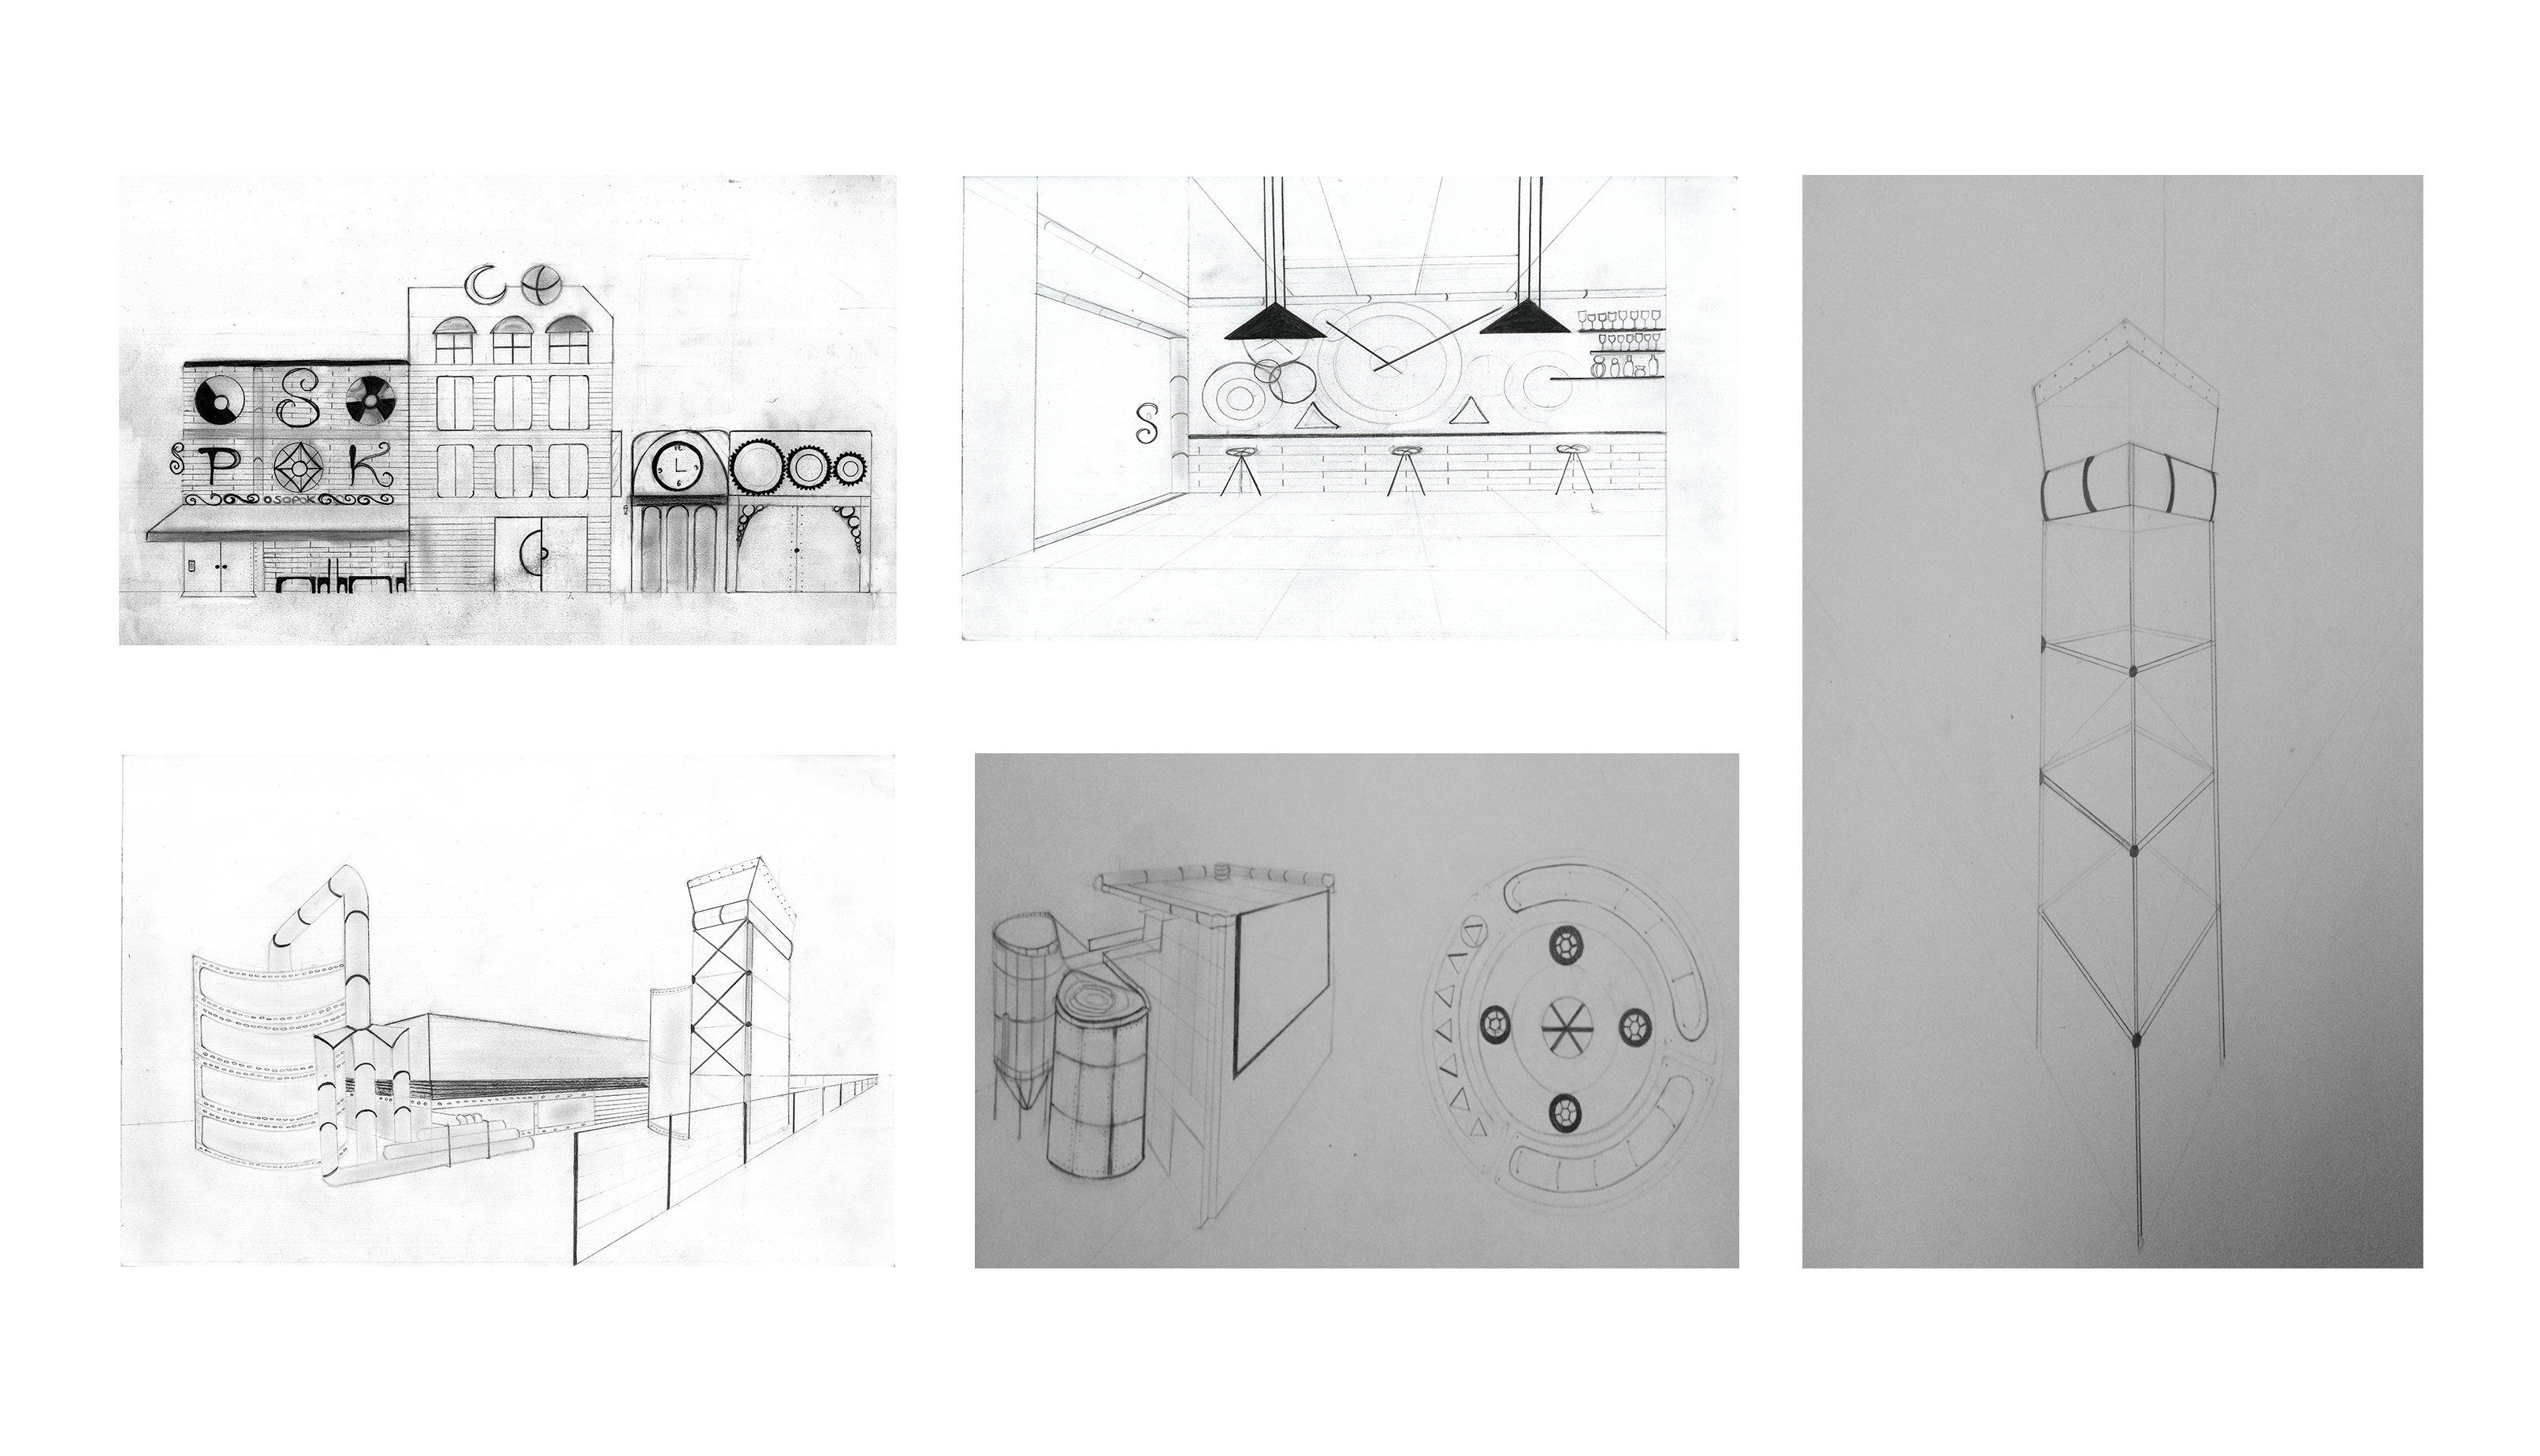 steamland univers de d cors personnage m chant. Black Bedroom Furniture Sets. Home Design Ideas